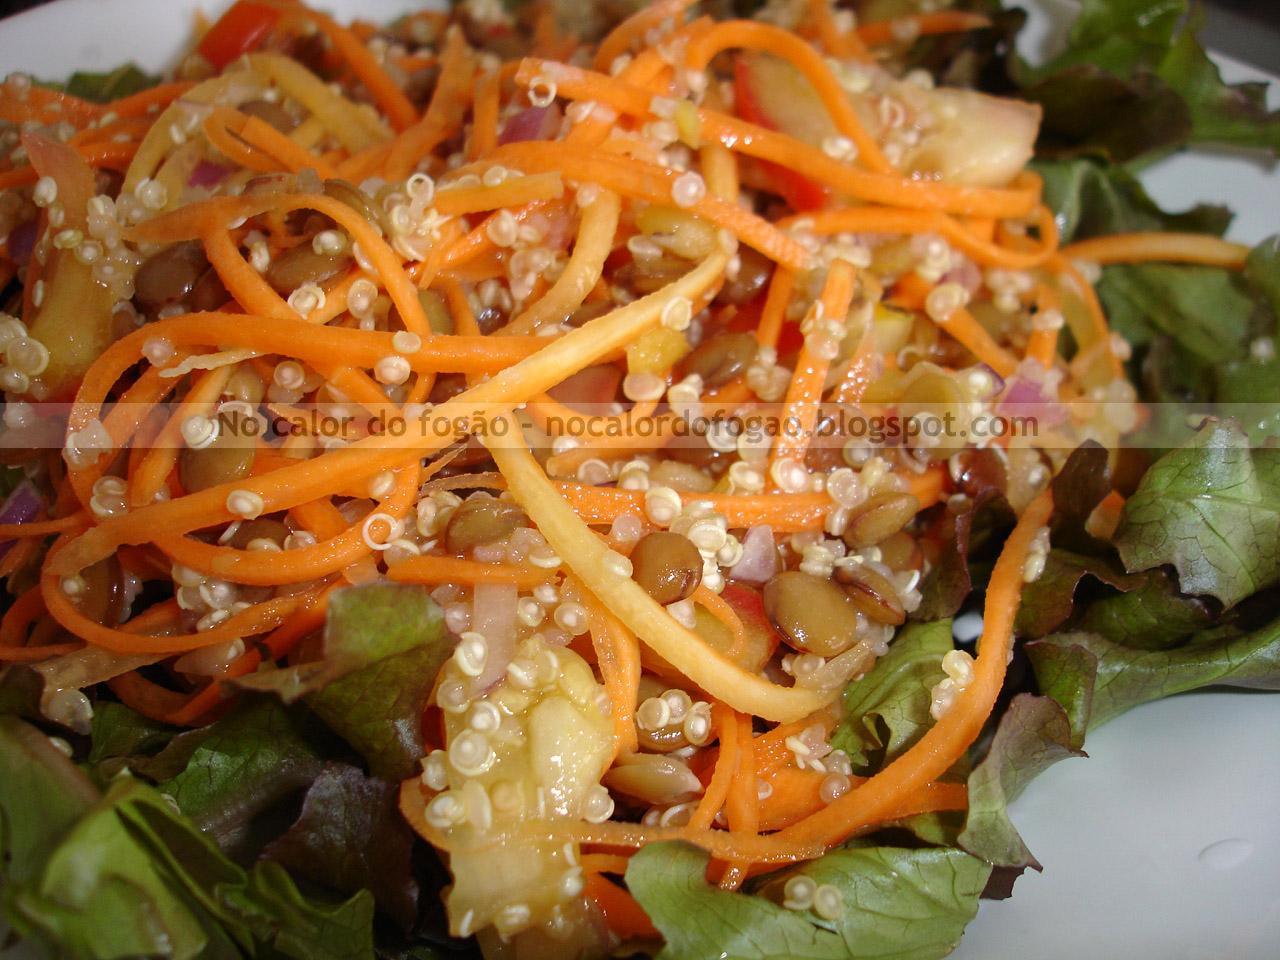 Salada de cenoura, lentilha e quinoa